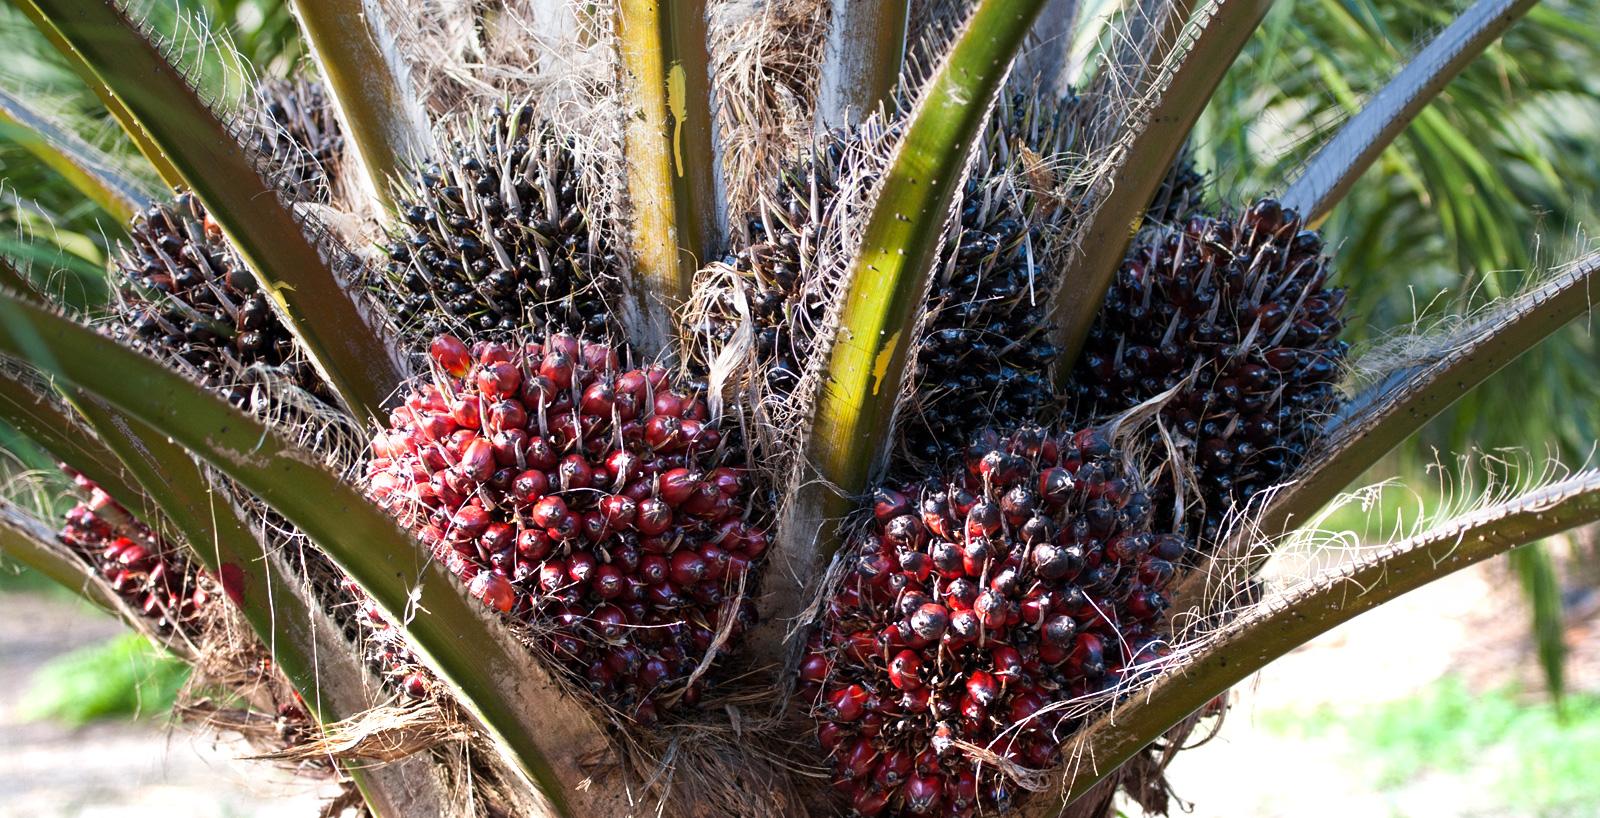 Grappoli dei frutti della palma.